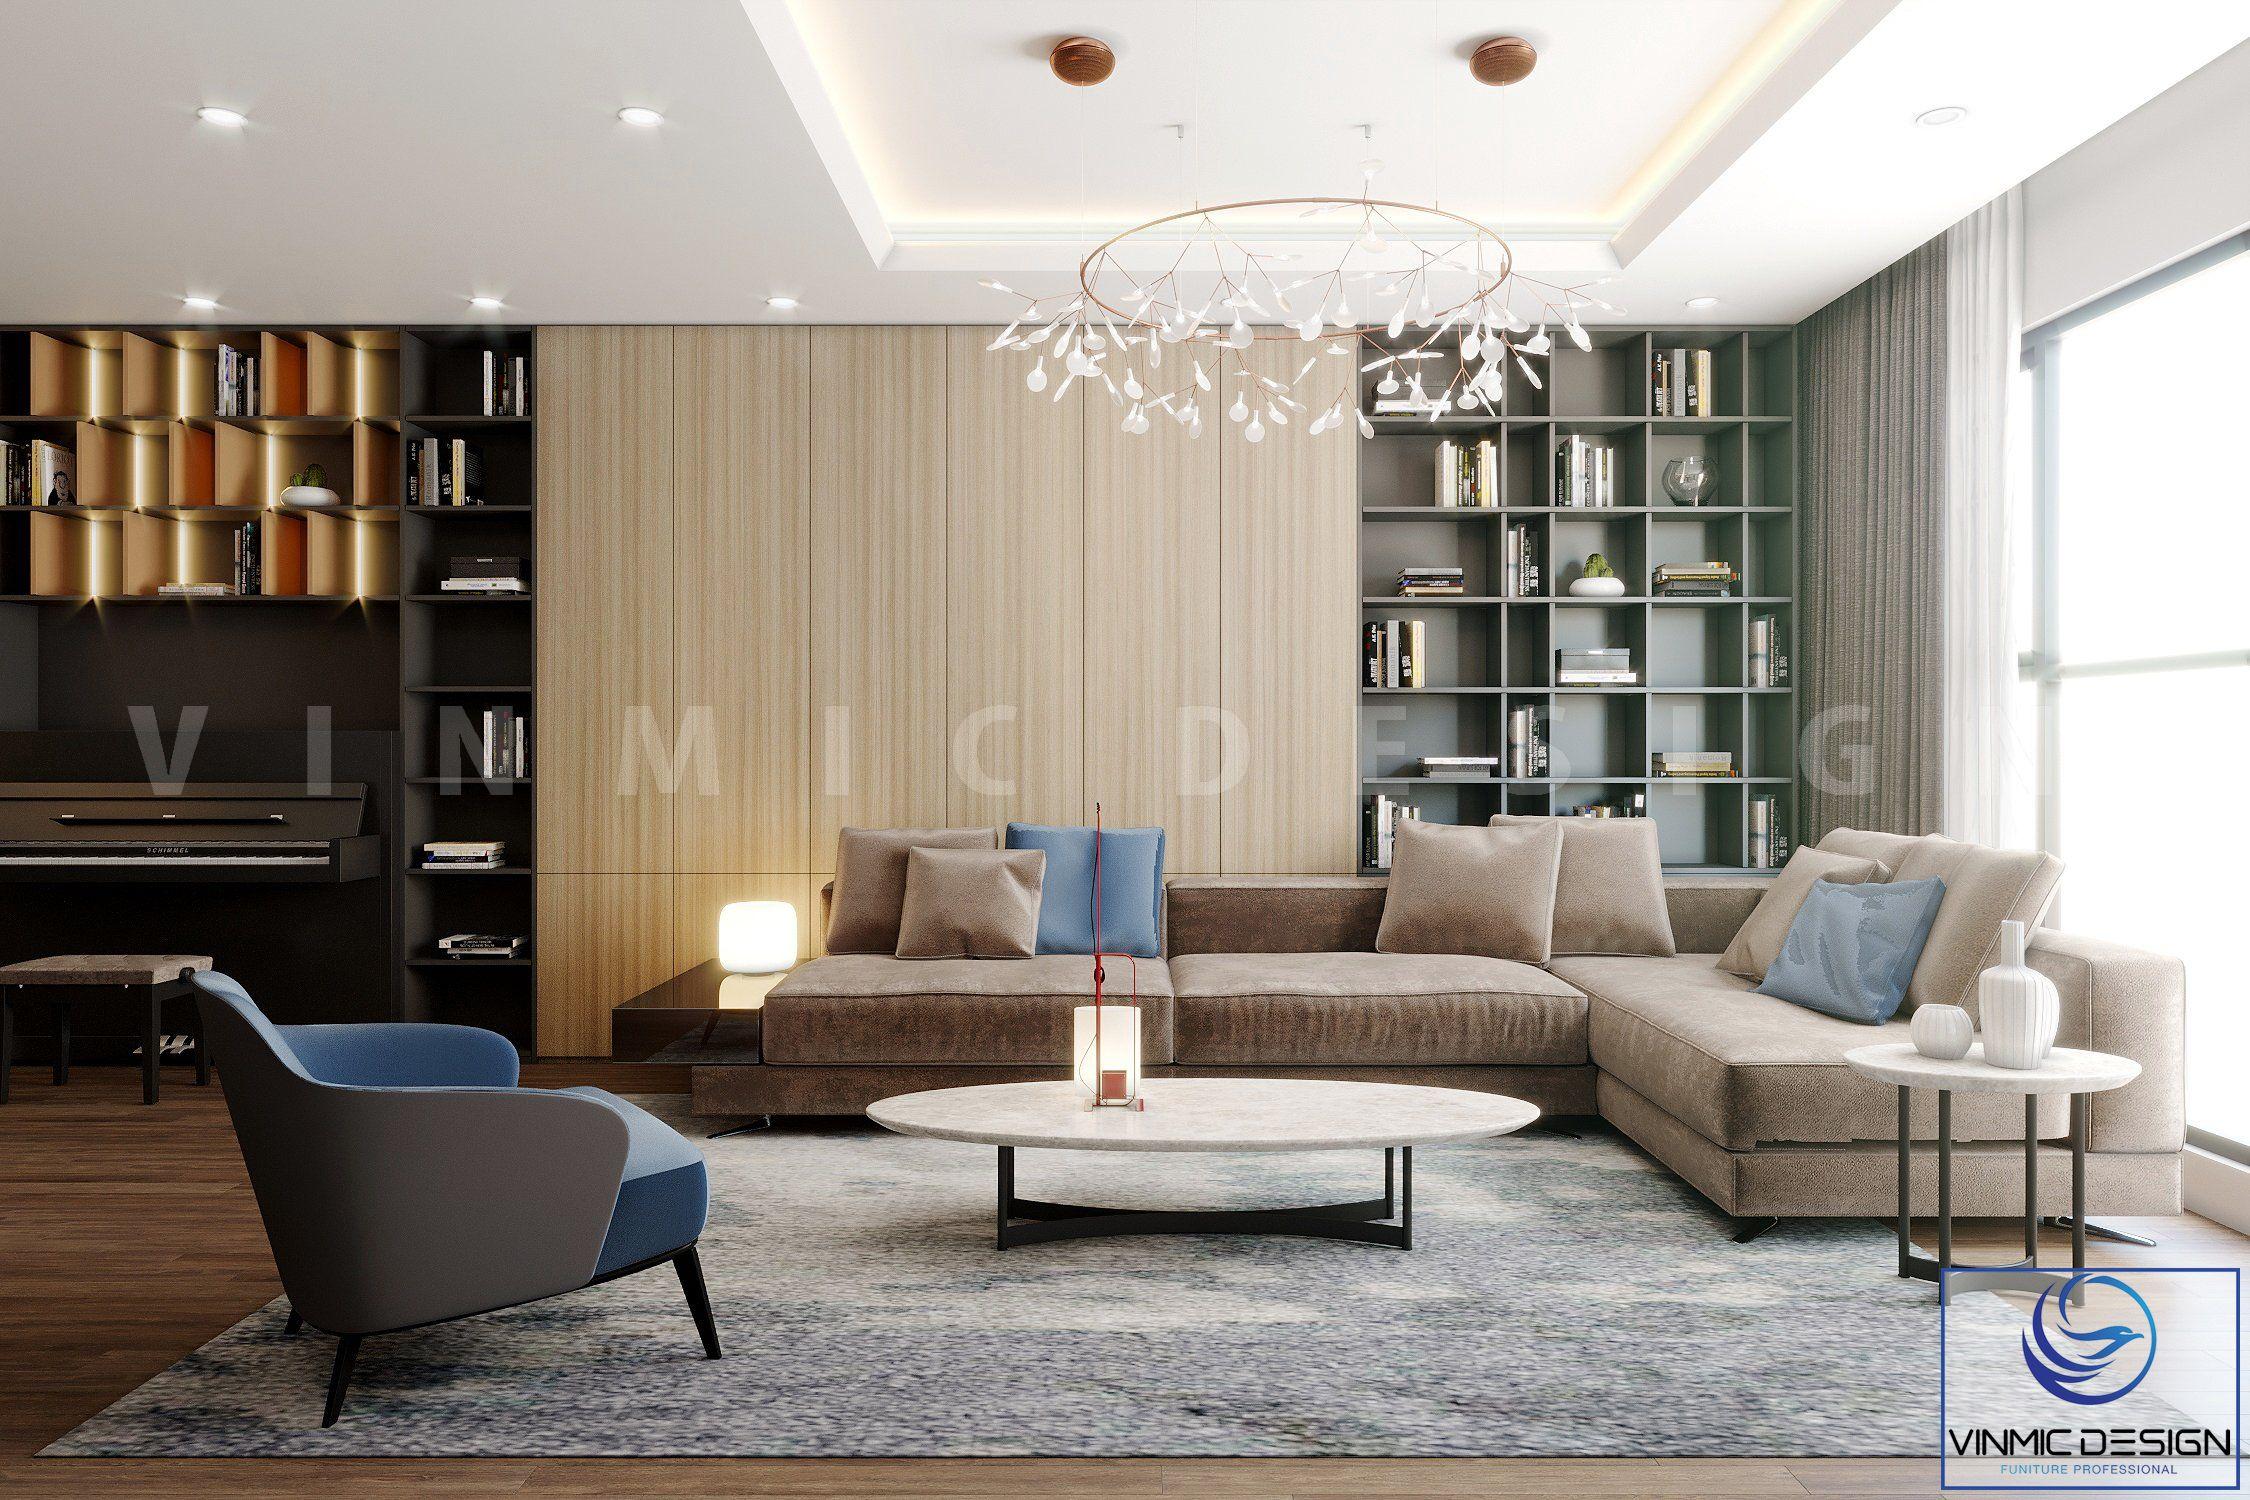 Thiết kế phòng khách với sự nổi bật từ bộ sofa